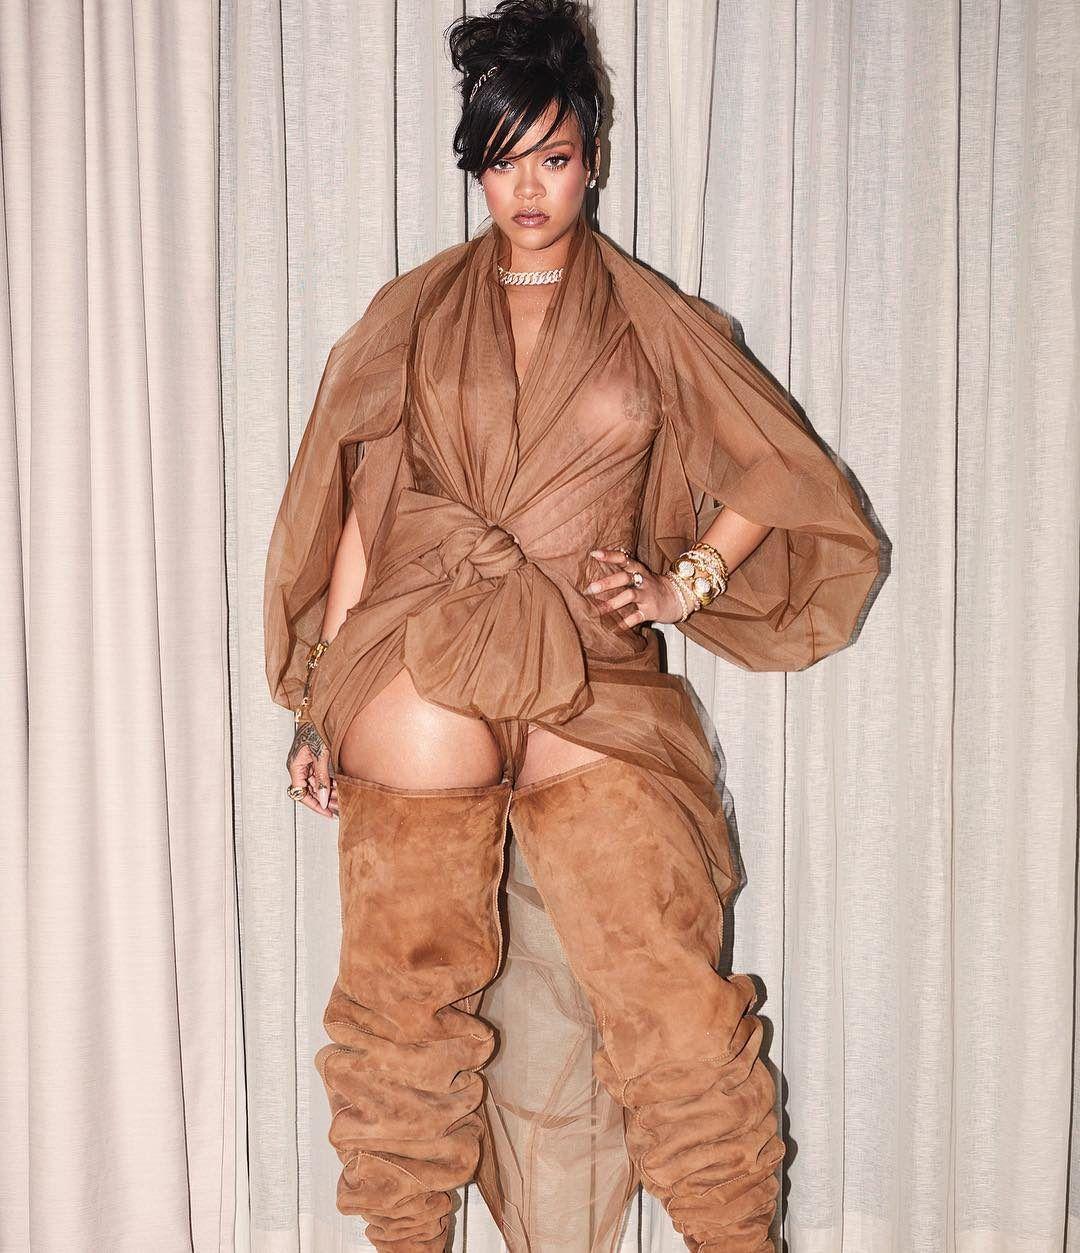 Il look di Rihanna al Coachella aveva laccessorio da drink definitivo per tutte recommendations